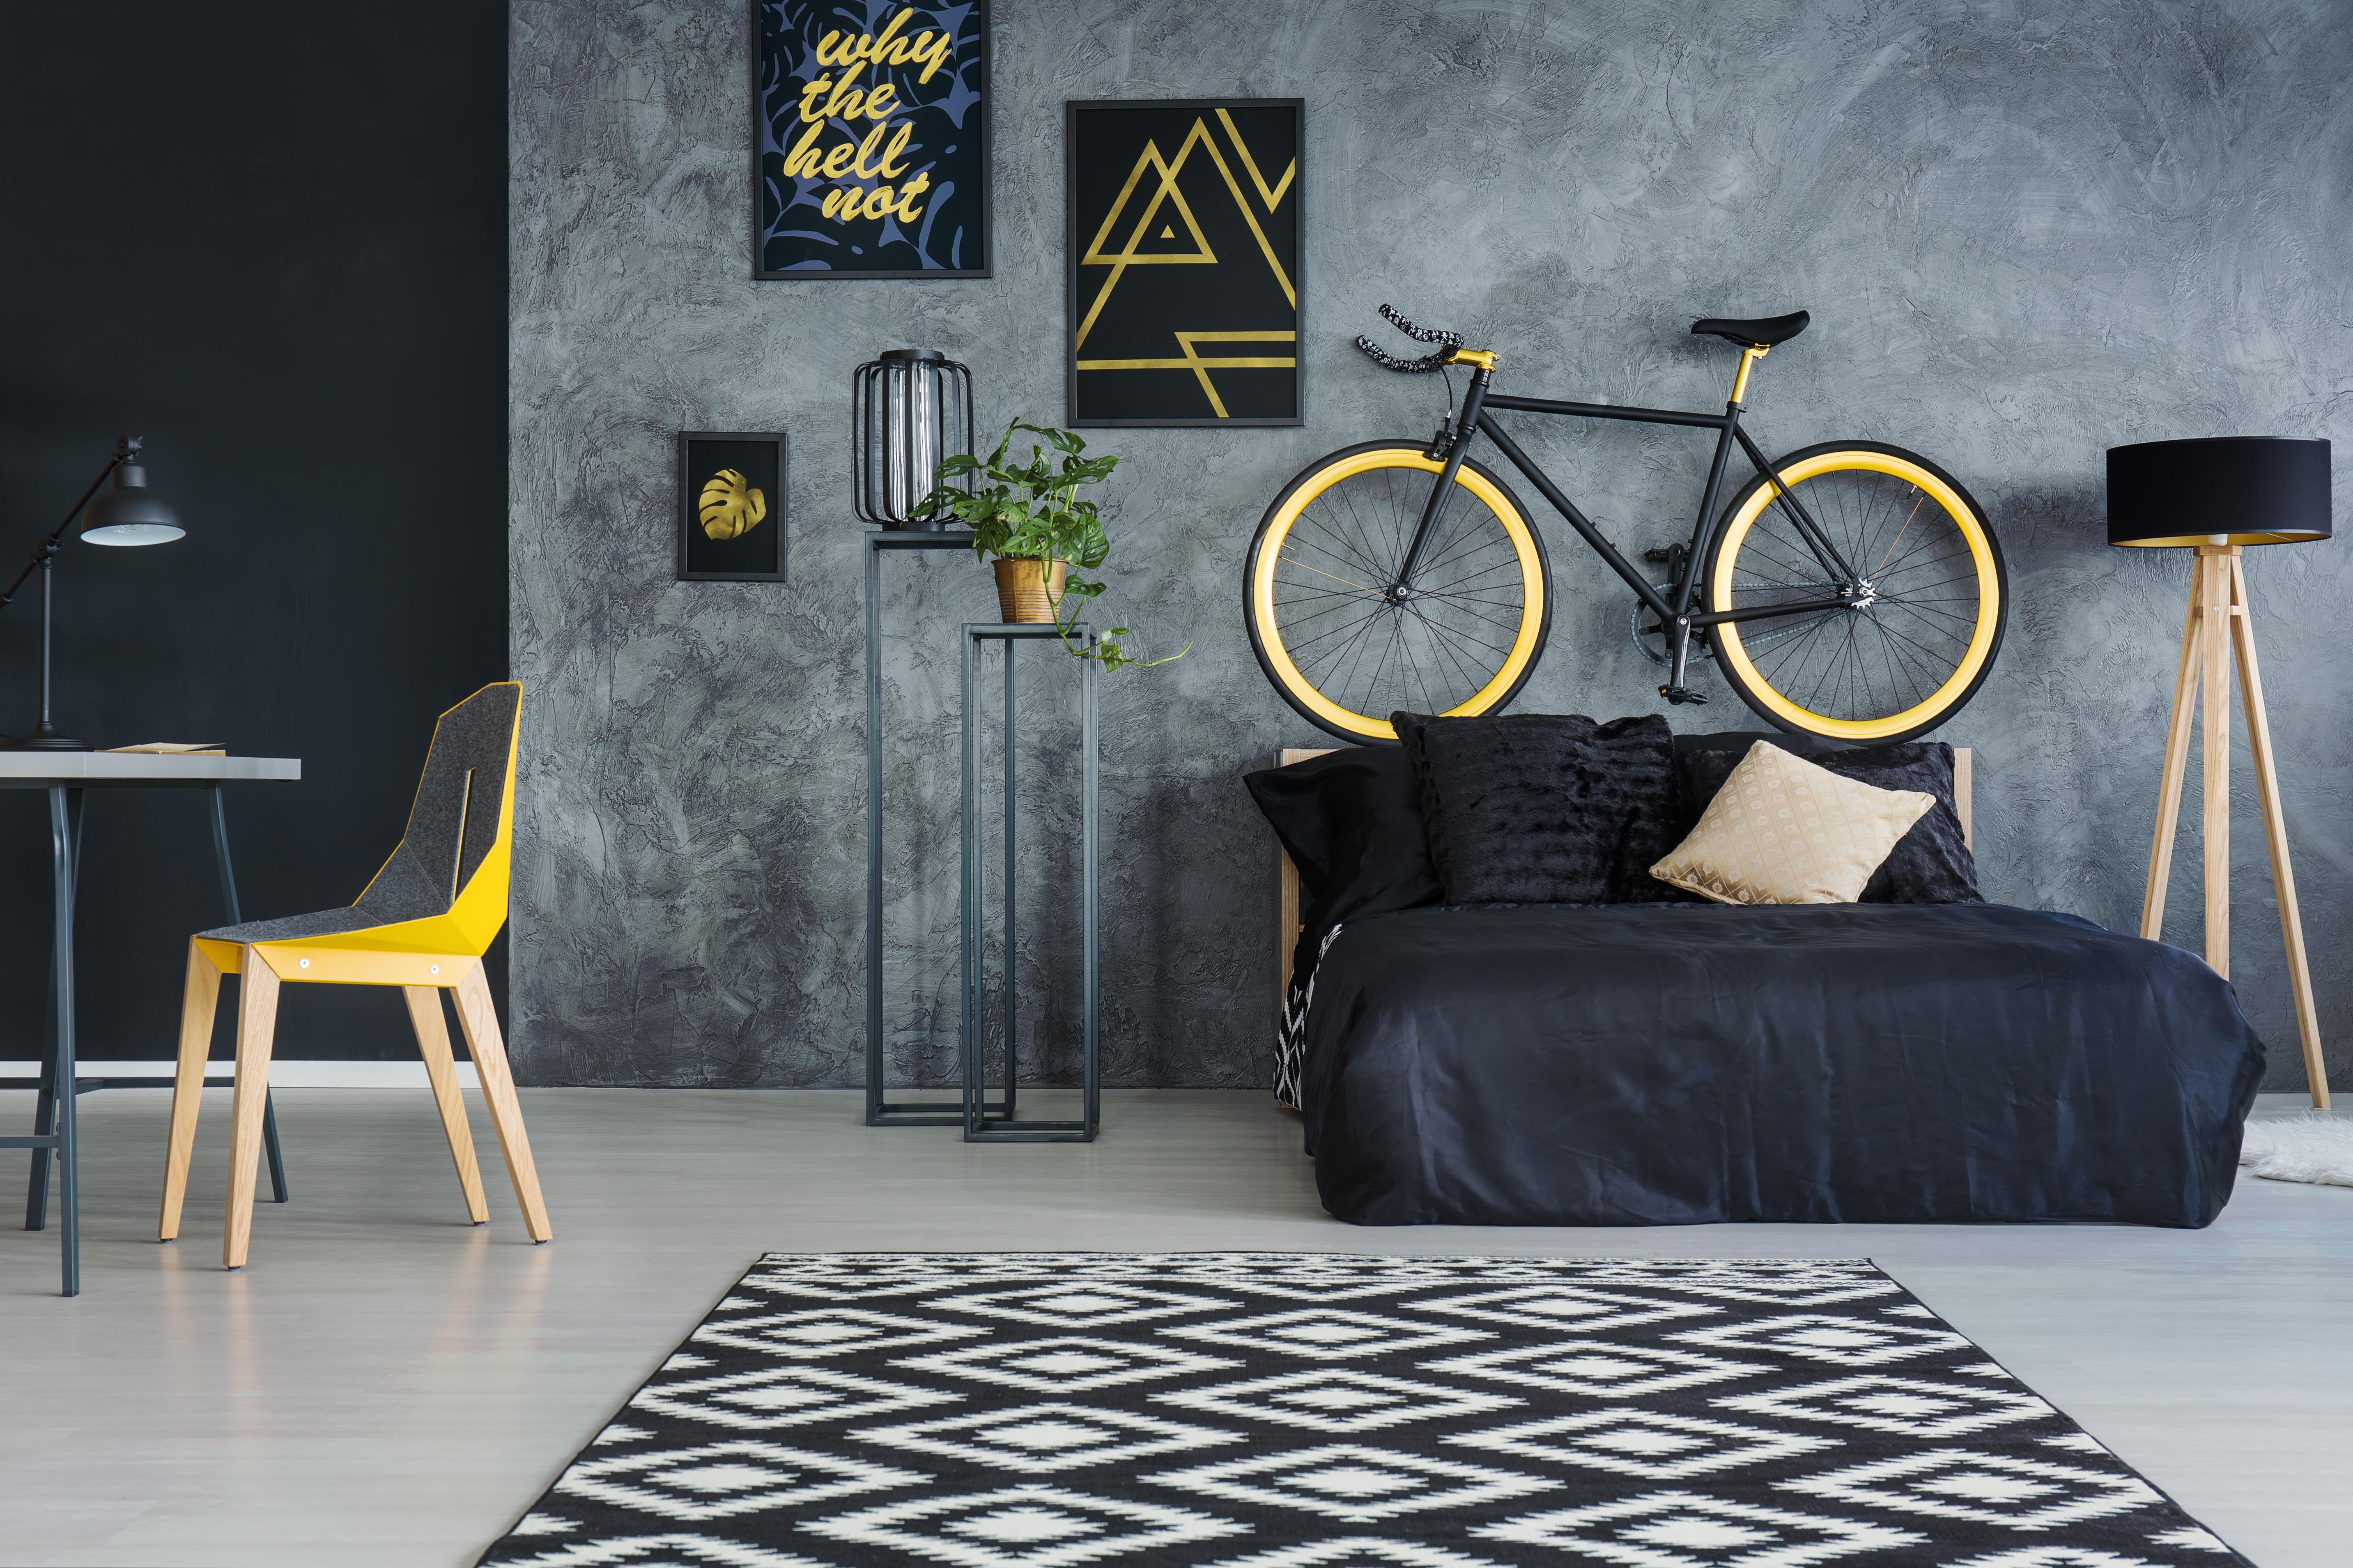 Chambre grise avec vélo sur mur et tapis de diamants